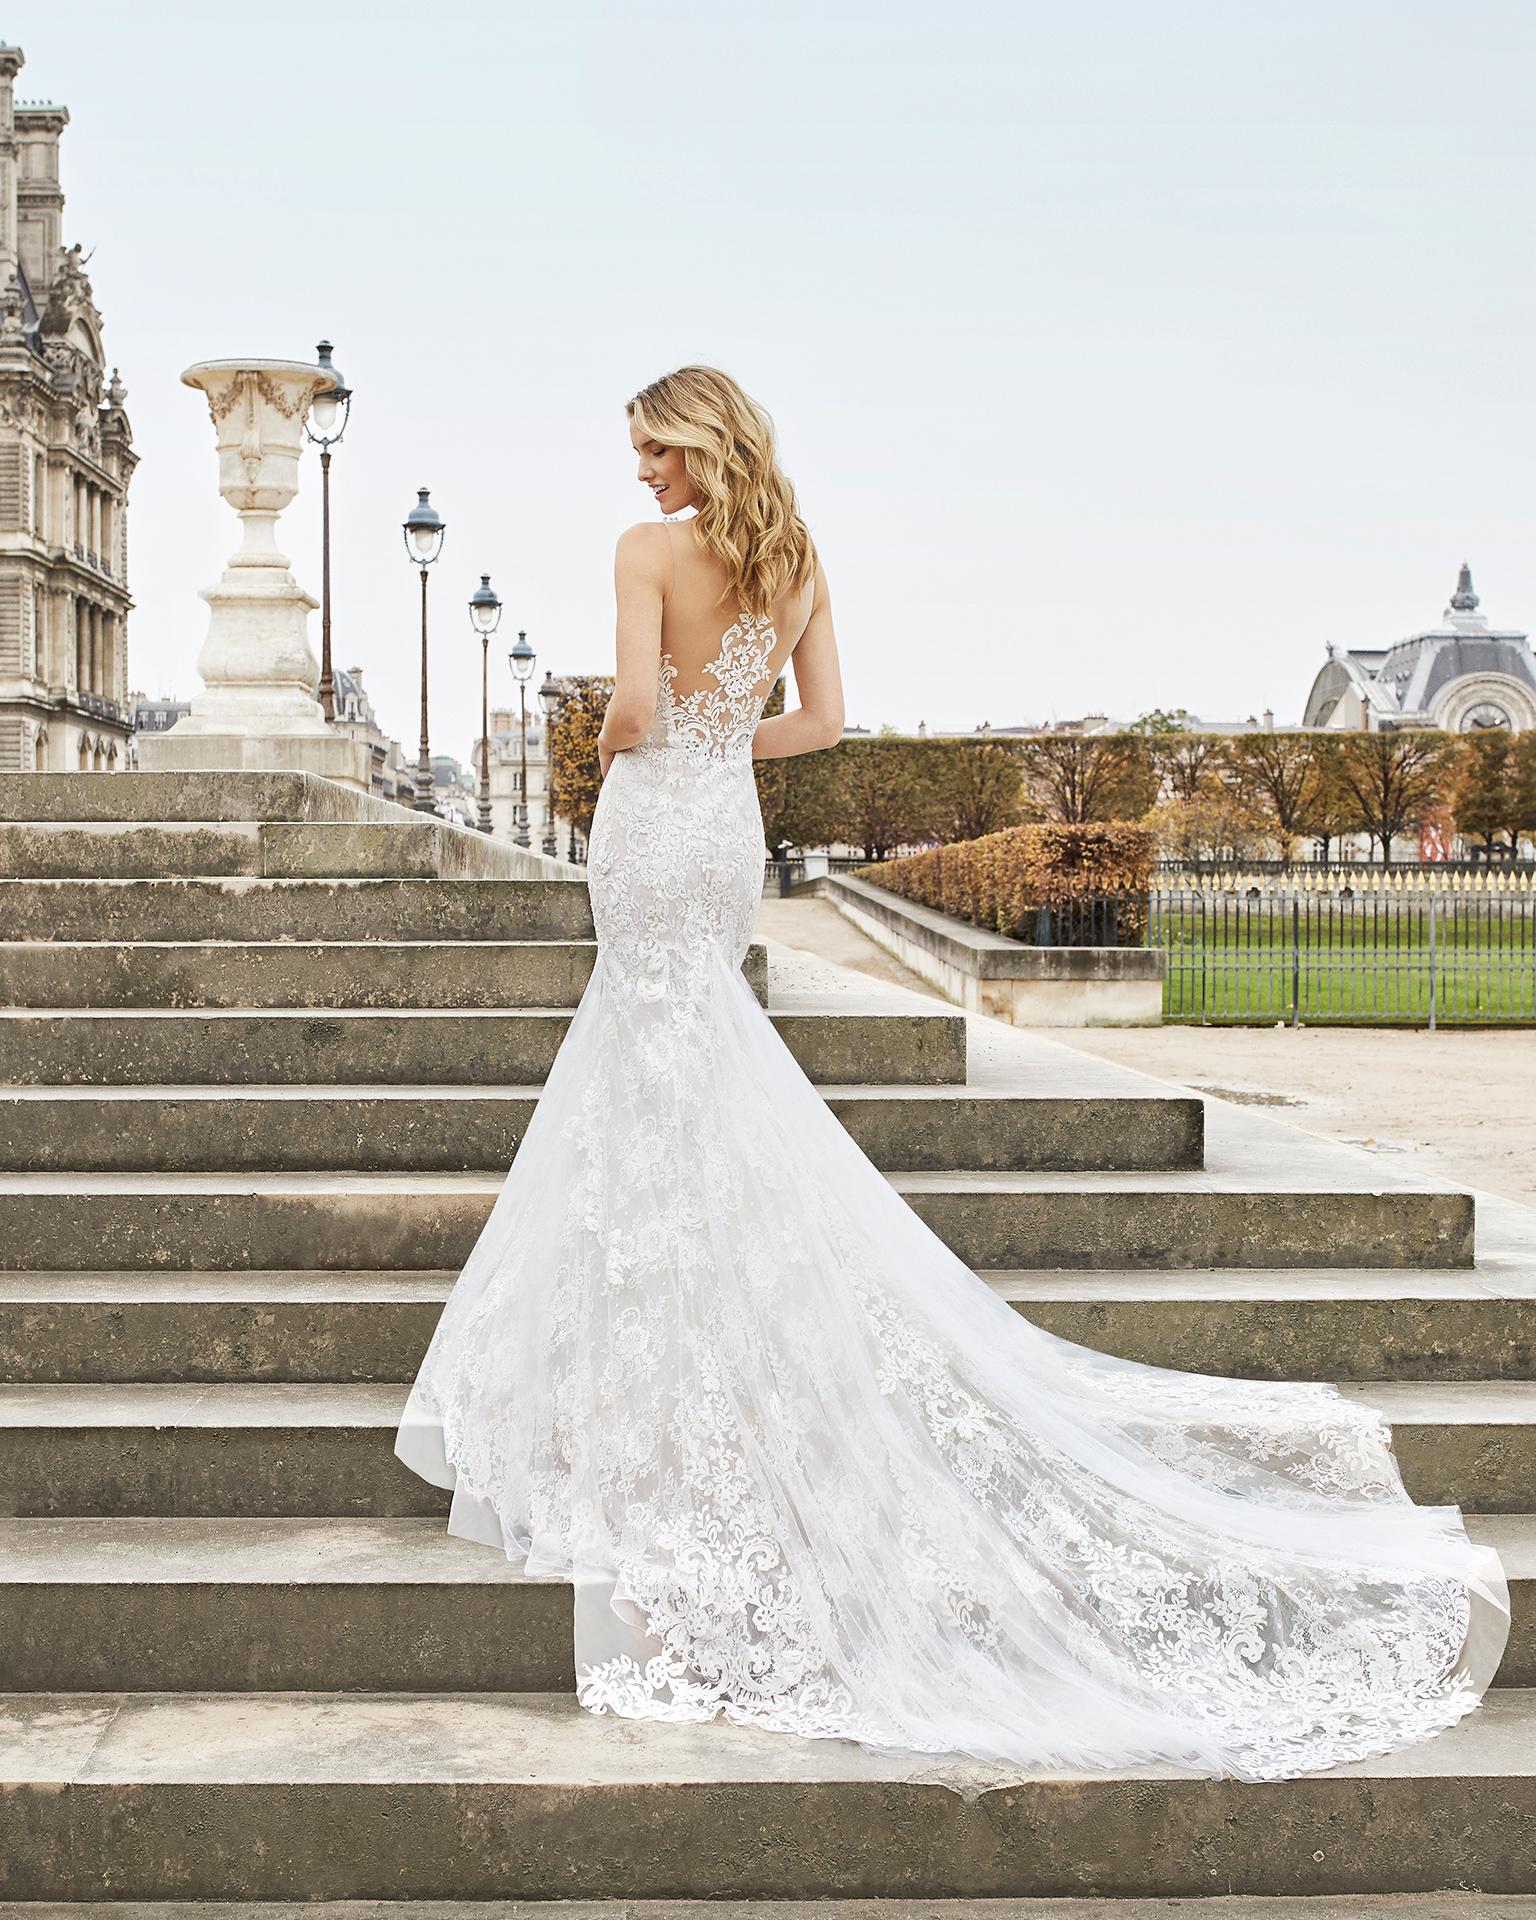 Vestido de noiva corte sereia de renda. Decote ilusão com costas de renda e transparências. Disponível em cor natural/nude. Coleção AIRE BARCELONA 2019.